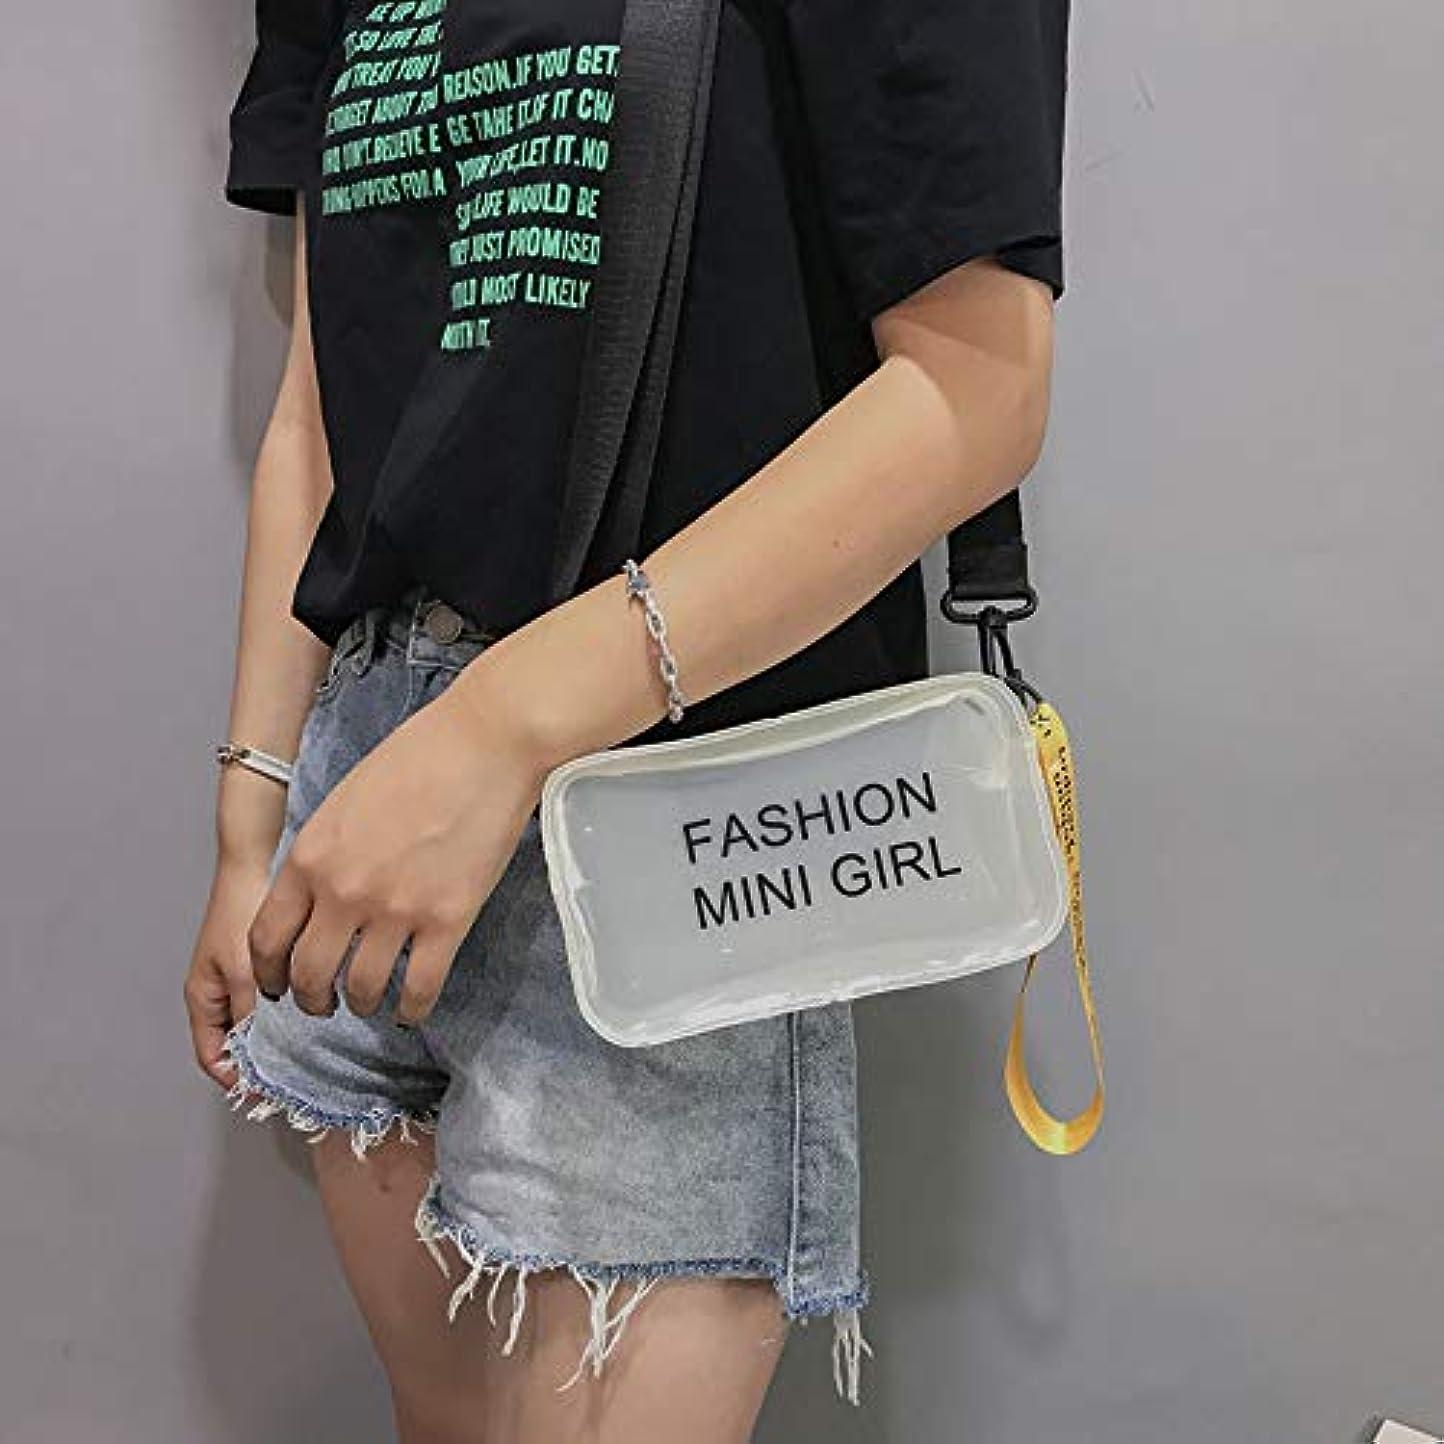 地獄微妙アクセサリー女性ファッションゼリー手紙ストリートシンプルデザインショルダーバッグメッセンジャーバッグ、ゼリー手紙メッセンジャーバッグハンドバッグ携帯電話バッグ、ファッション汎用メッセンジャーバッグショルダーバッグハンドバッグ (白)